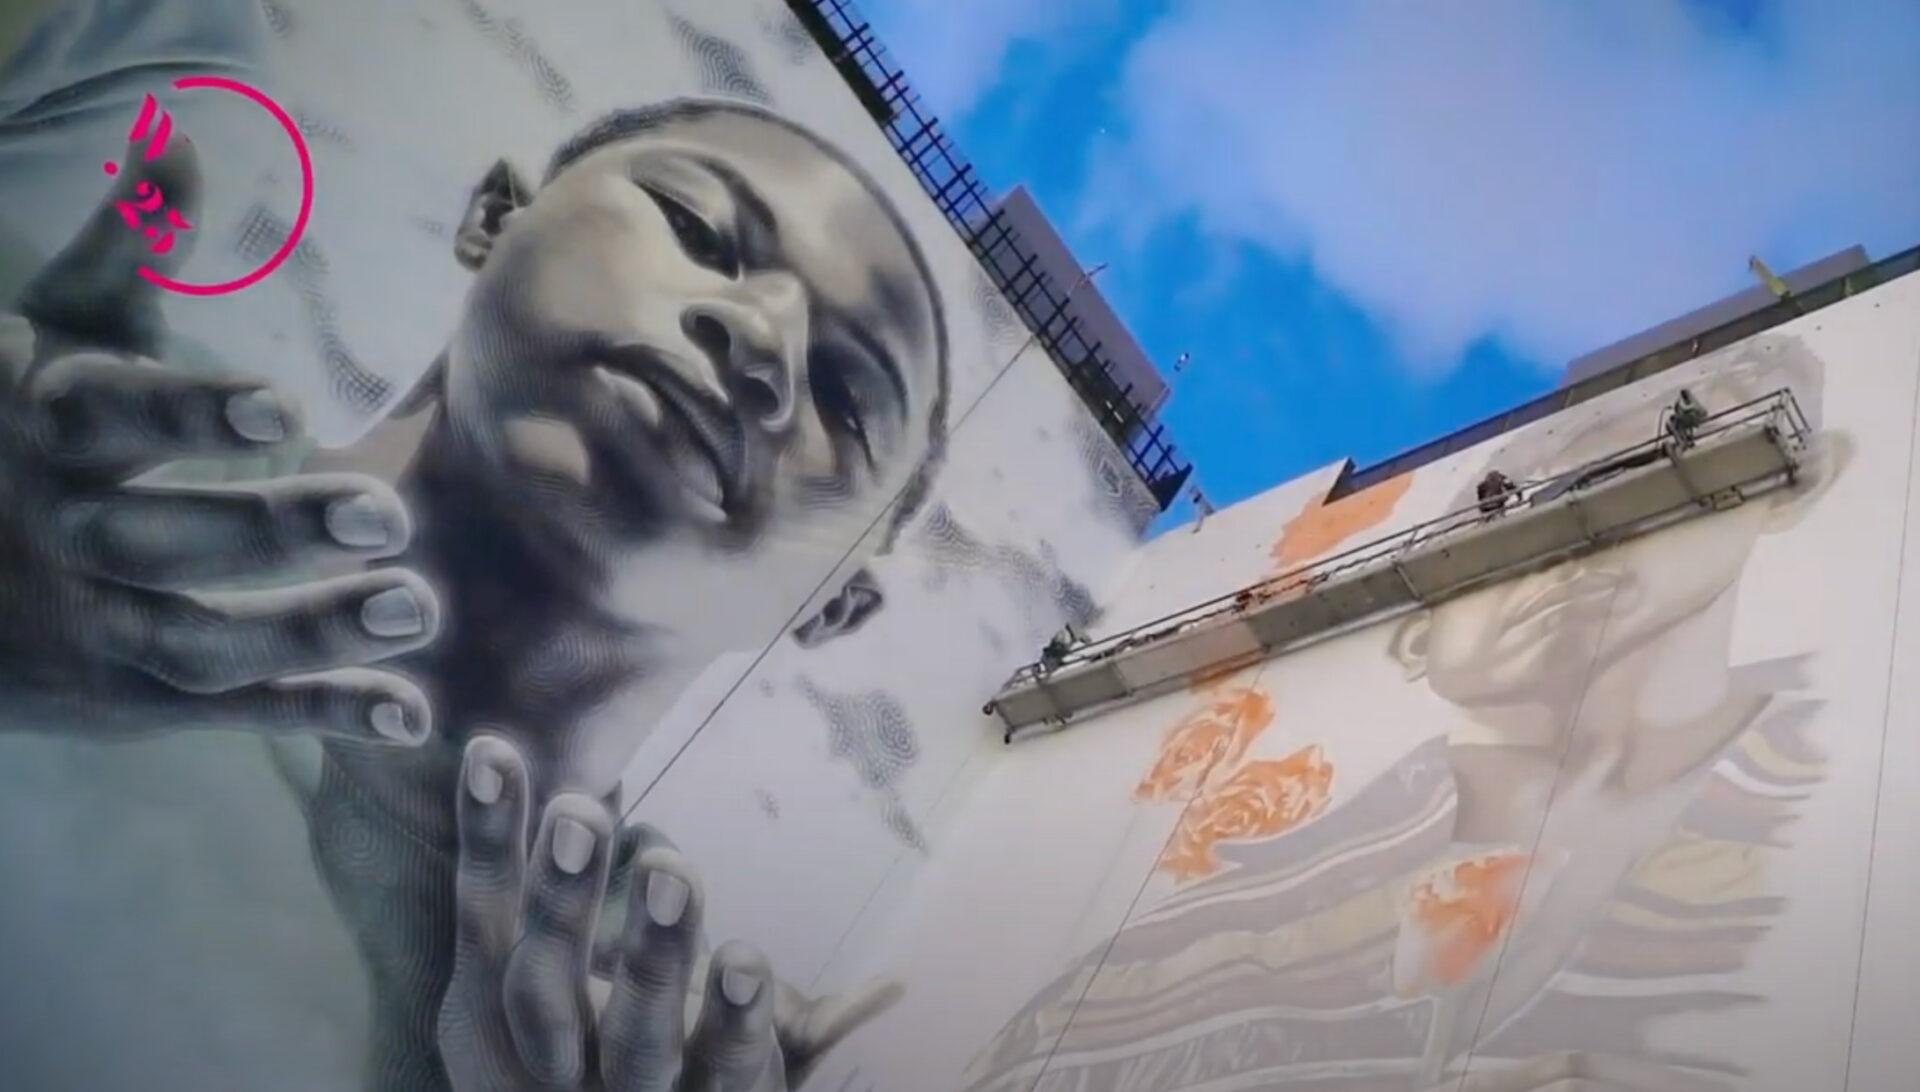 Building graffiti art